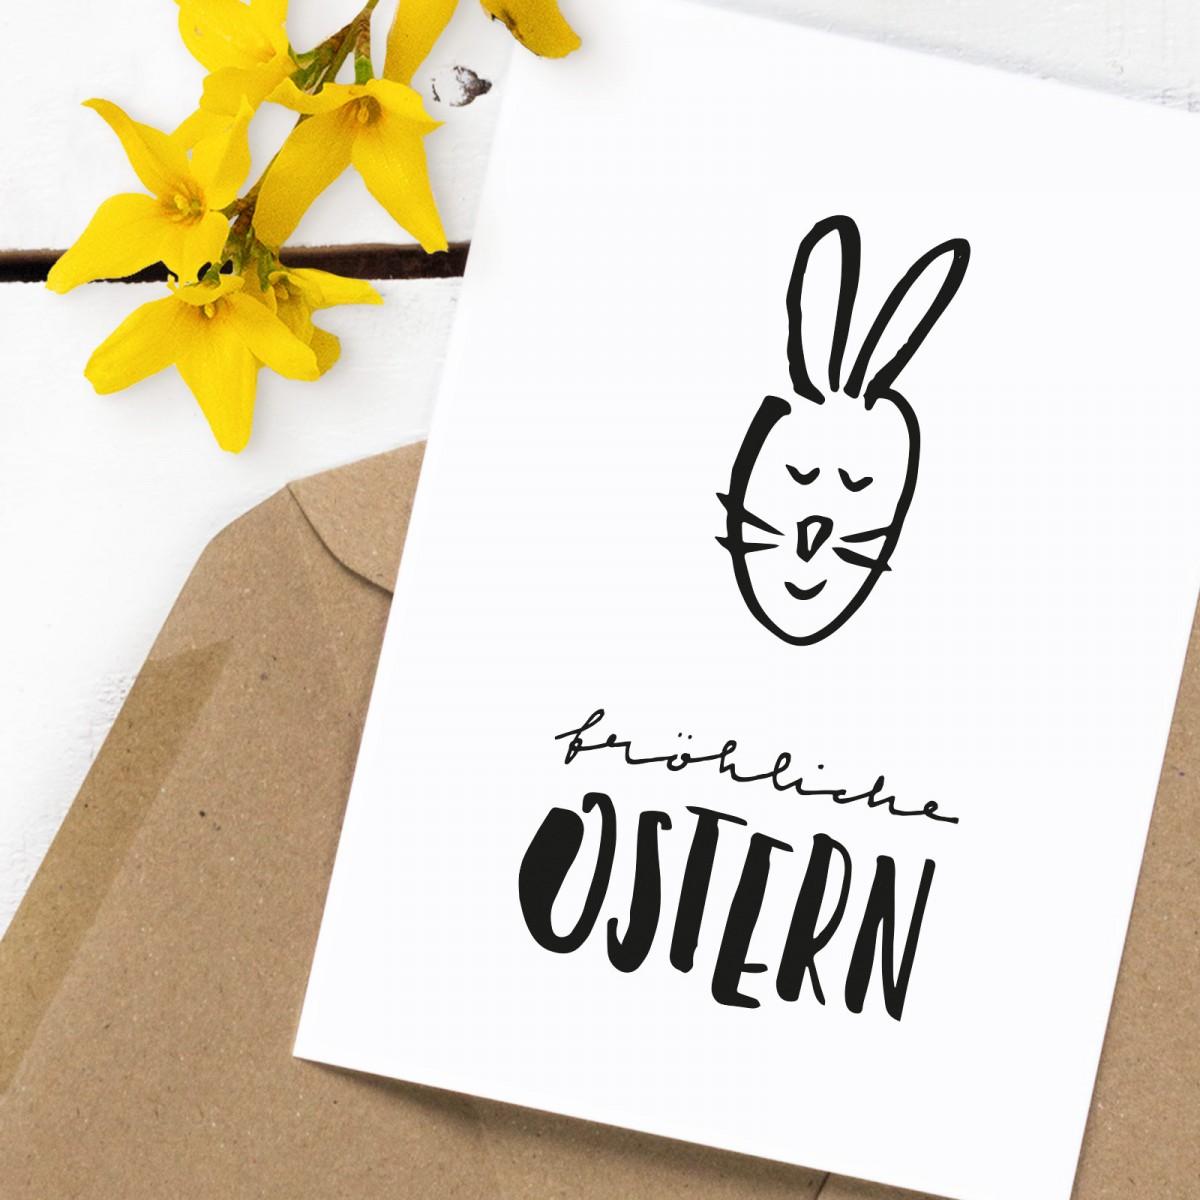 Kleine Papeterie // Osterkarte // Fröhliche Ostern